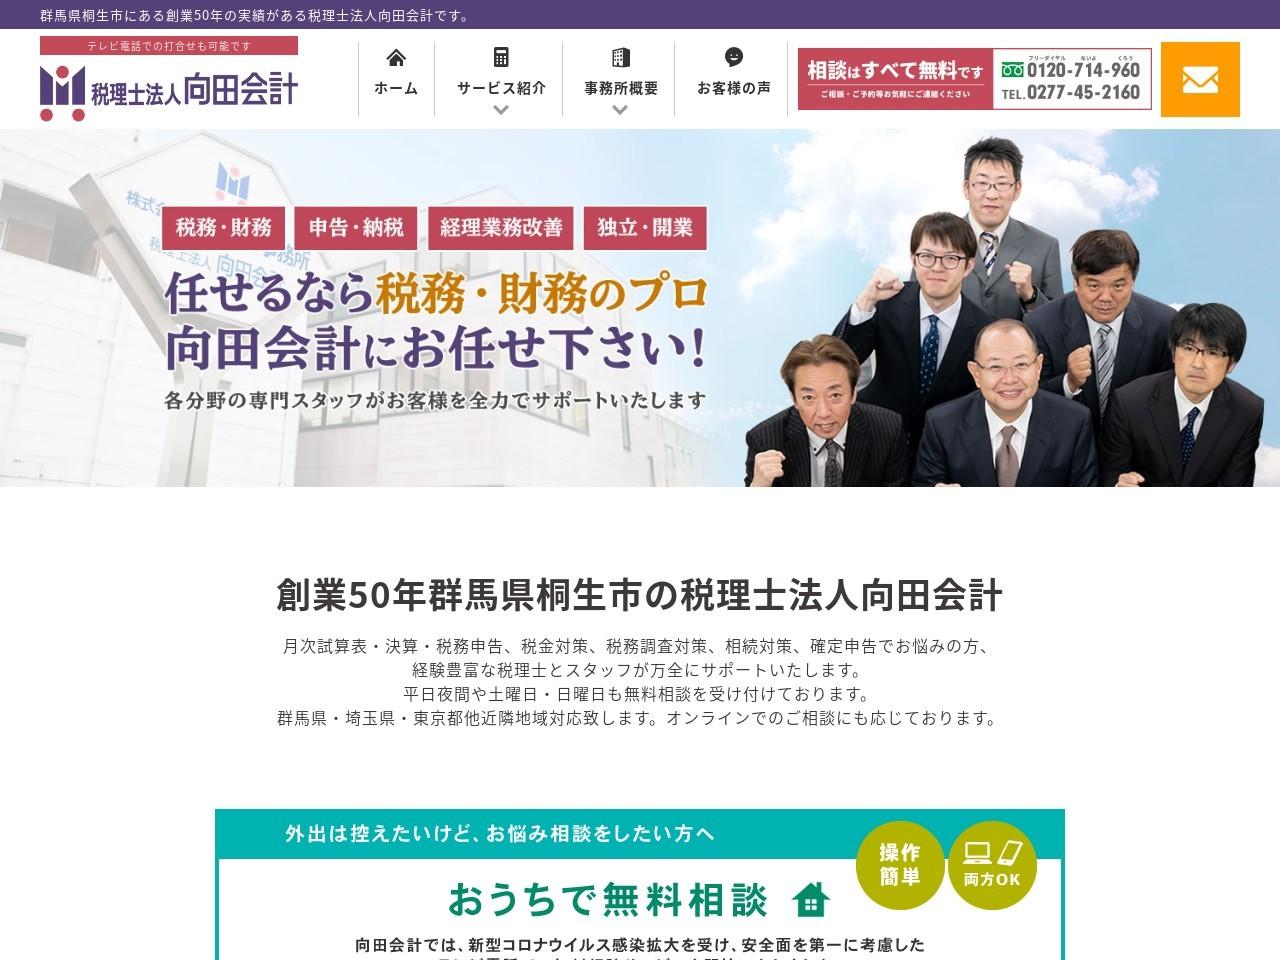 向田会計(税理士法人)